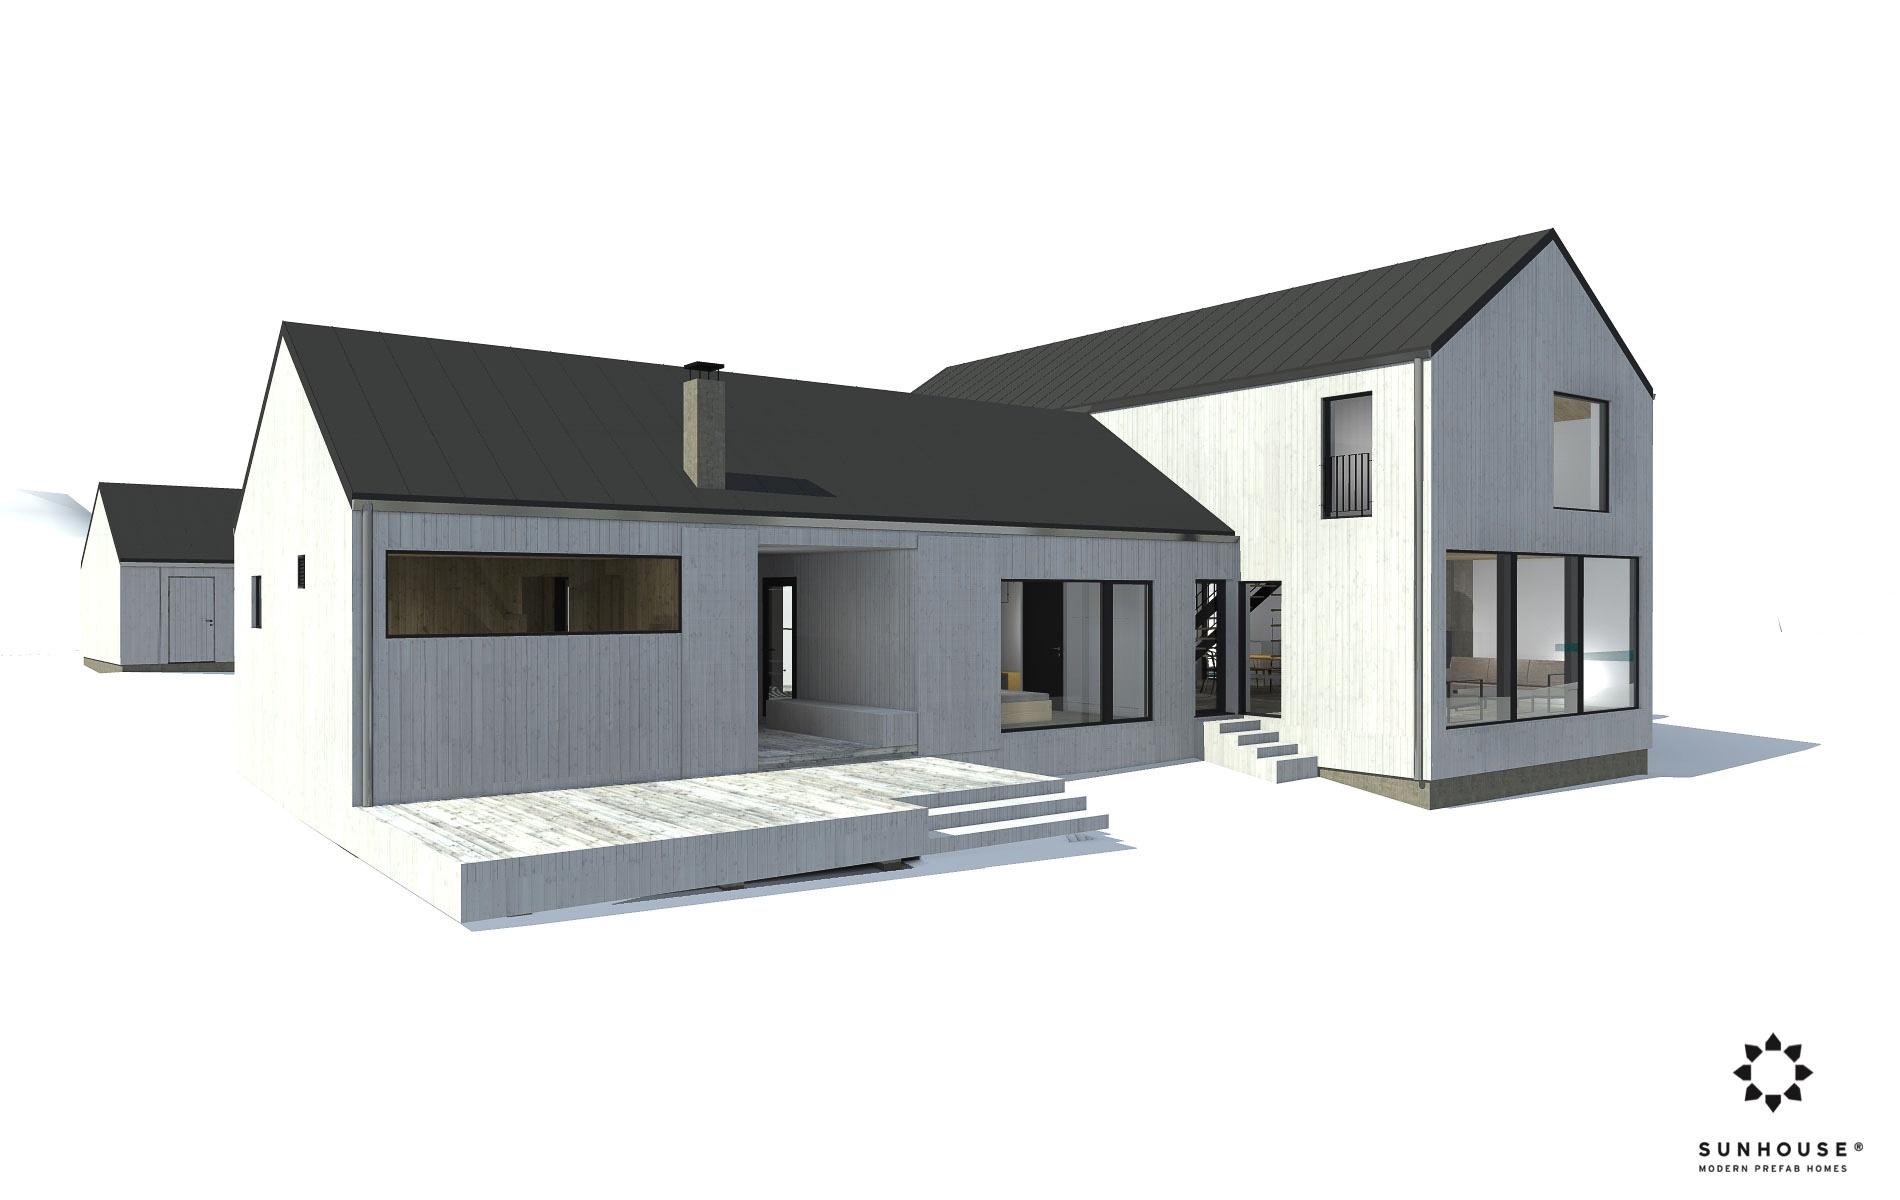 Arkkitehdin suunniettelema koti S1706